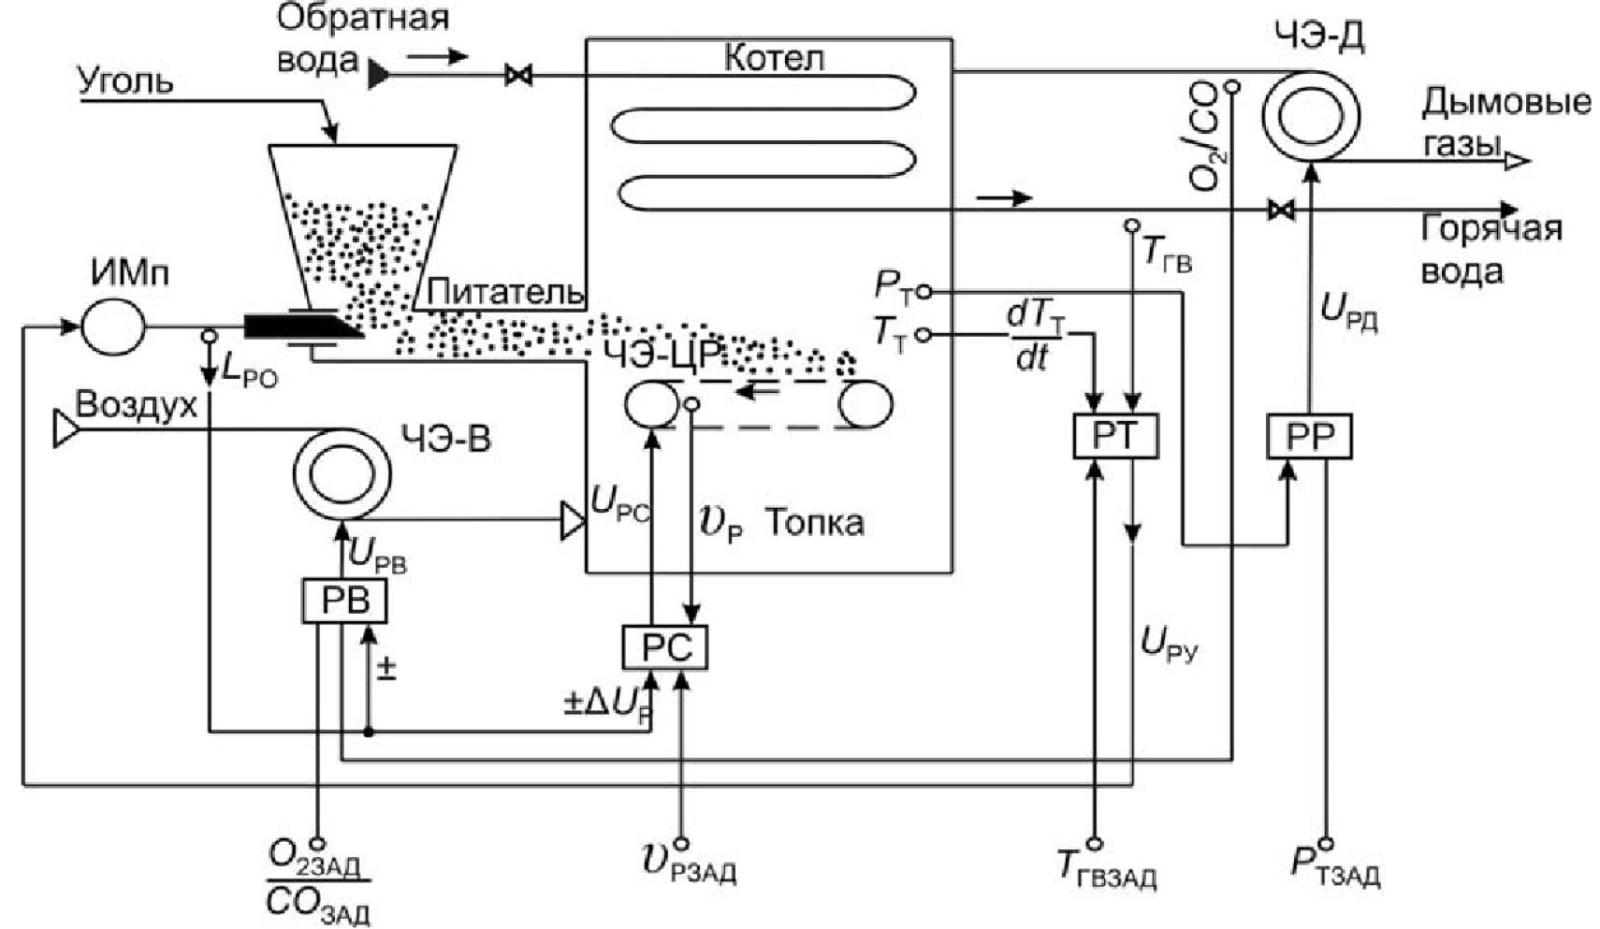 Микропроцессорная система автоматизации водогрейного котельного агрегата для работы на угле 2